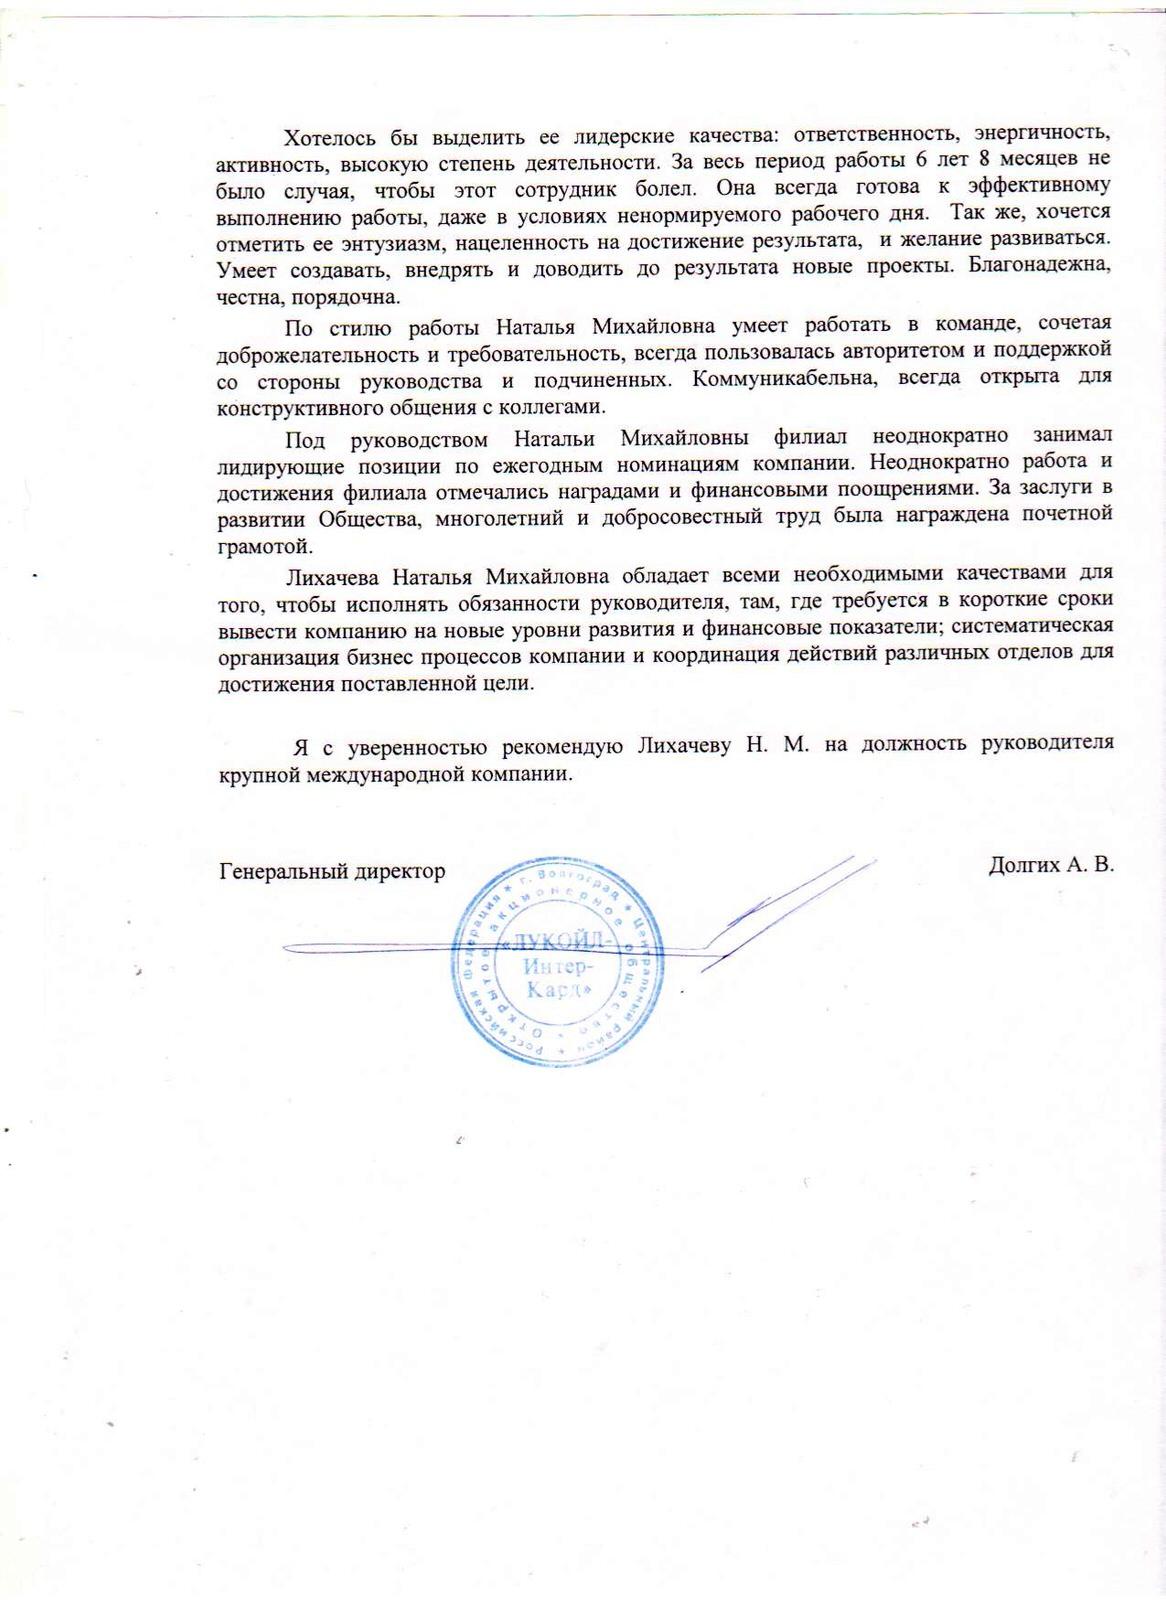 Hаталья Лихачева отзывы Ликард 2